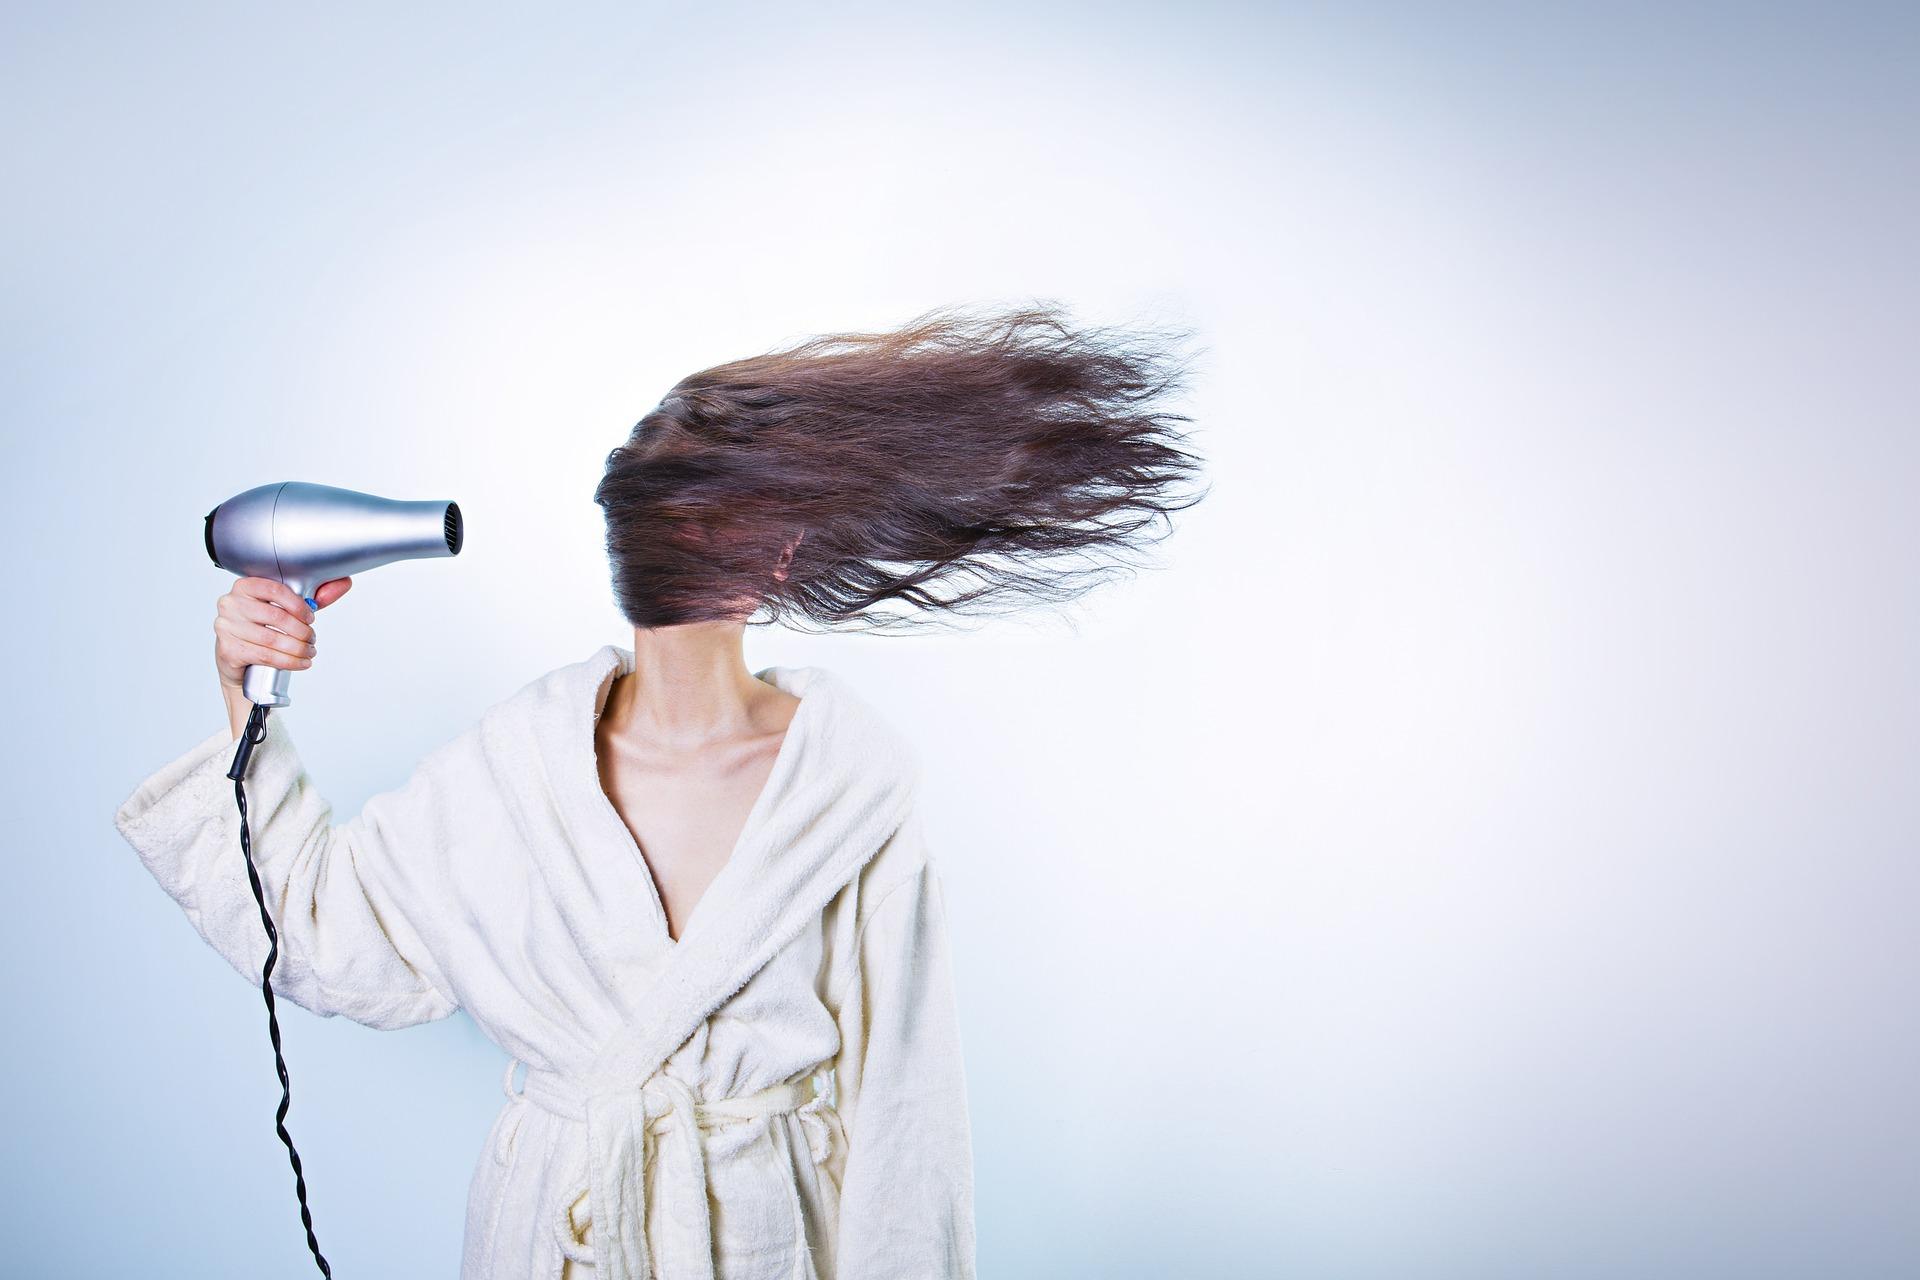 Włosy po myciu - jak wycierać, kiedy czesać i suszyć